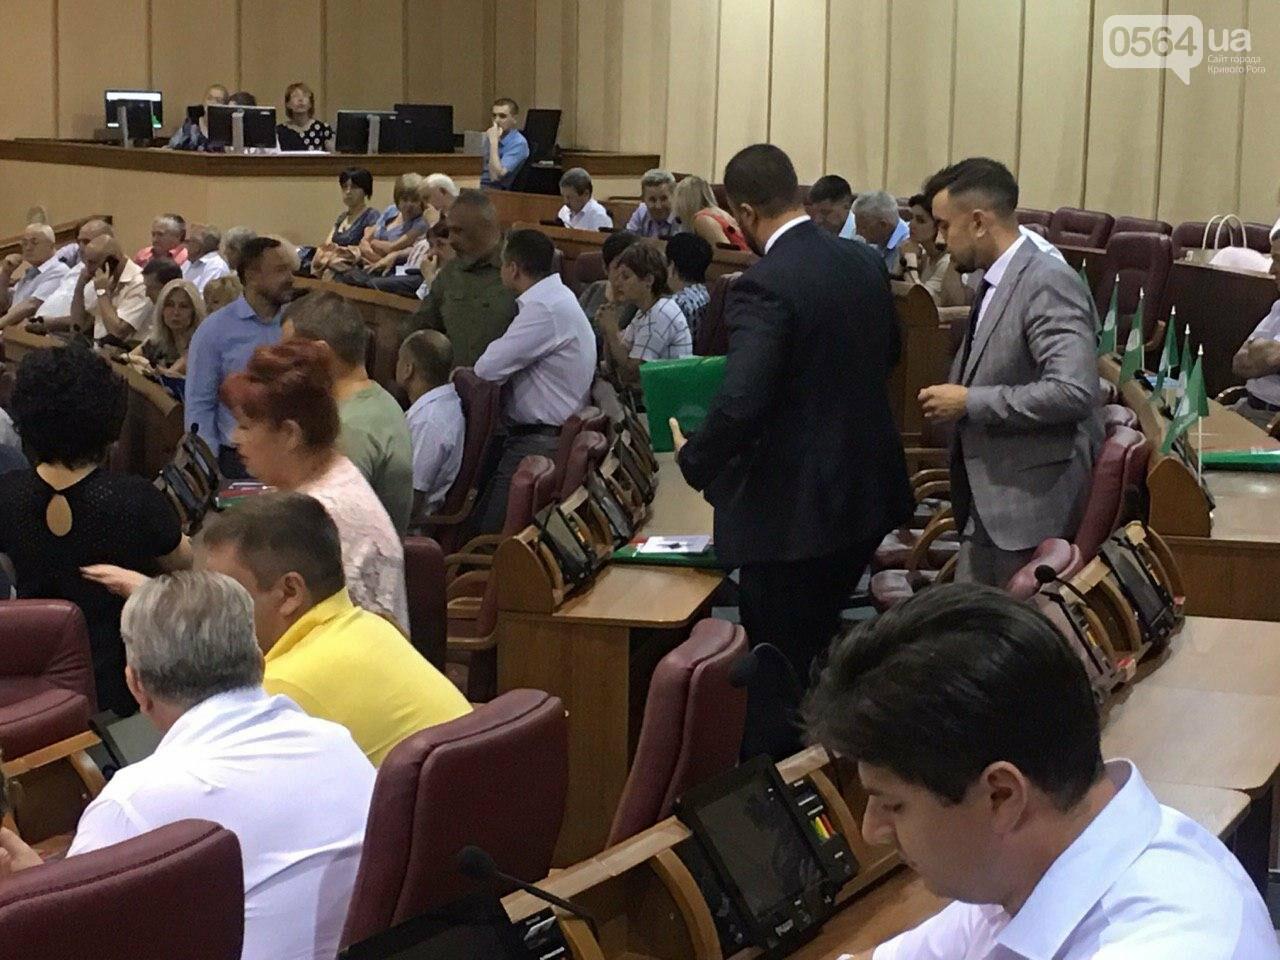 Депутат, который служит в зоне ООС, покинул фракцию Опоблока в Криворожском горсовете , - ФОТО, фото-5